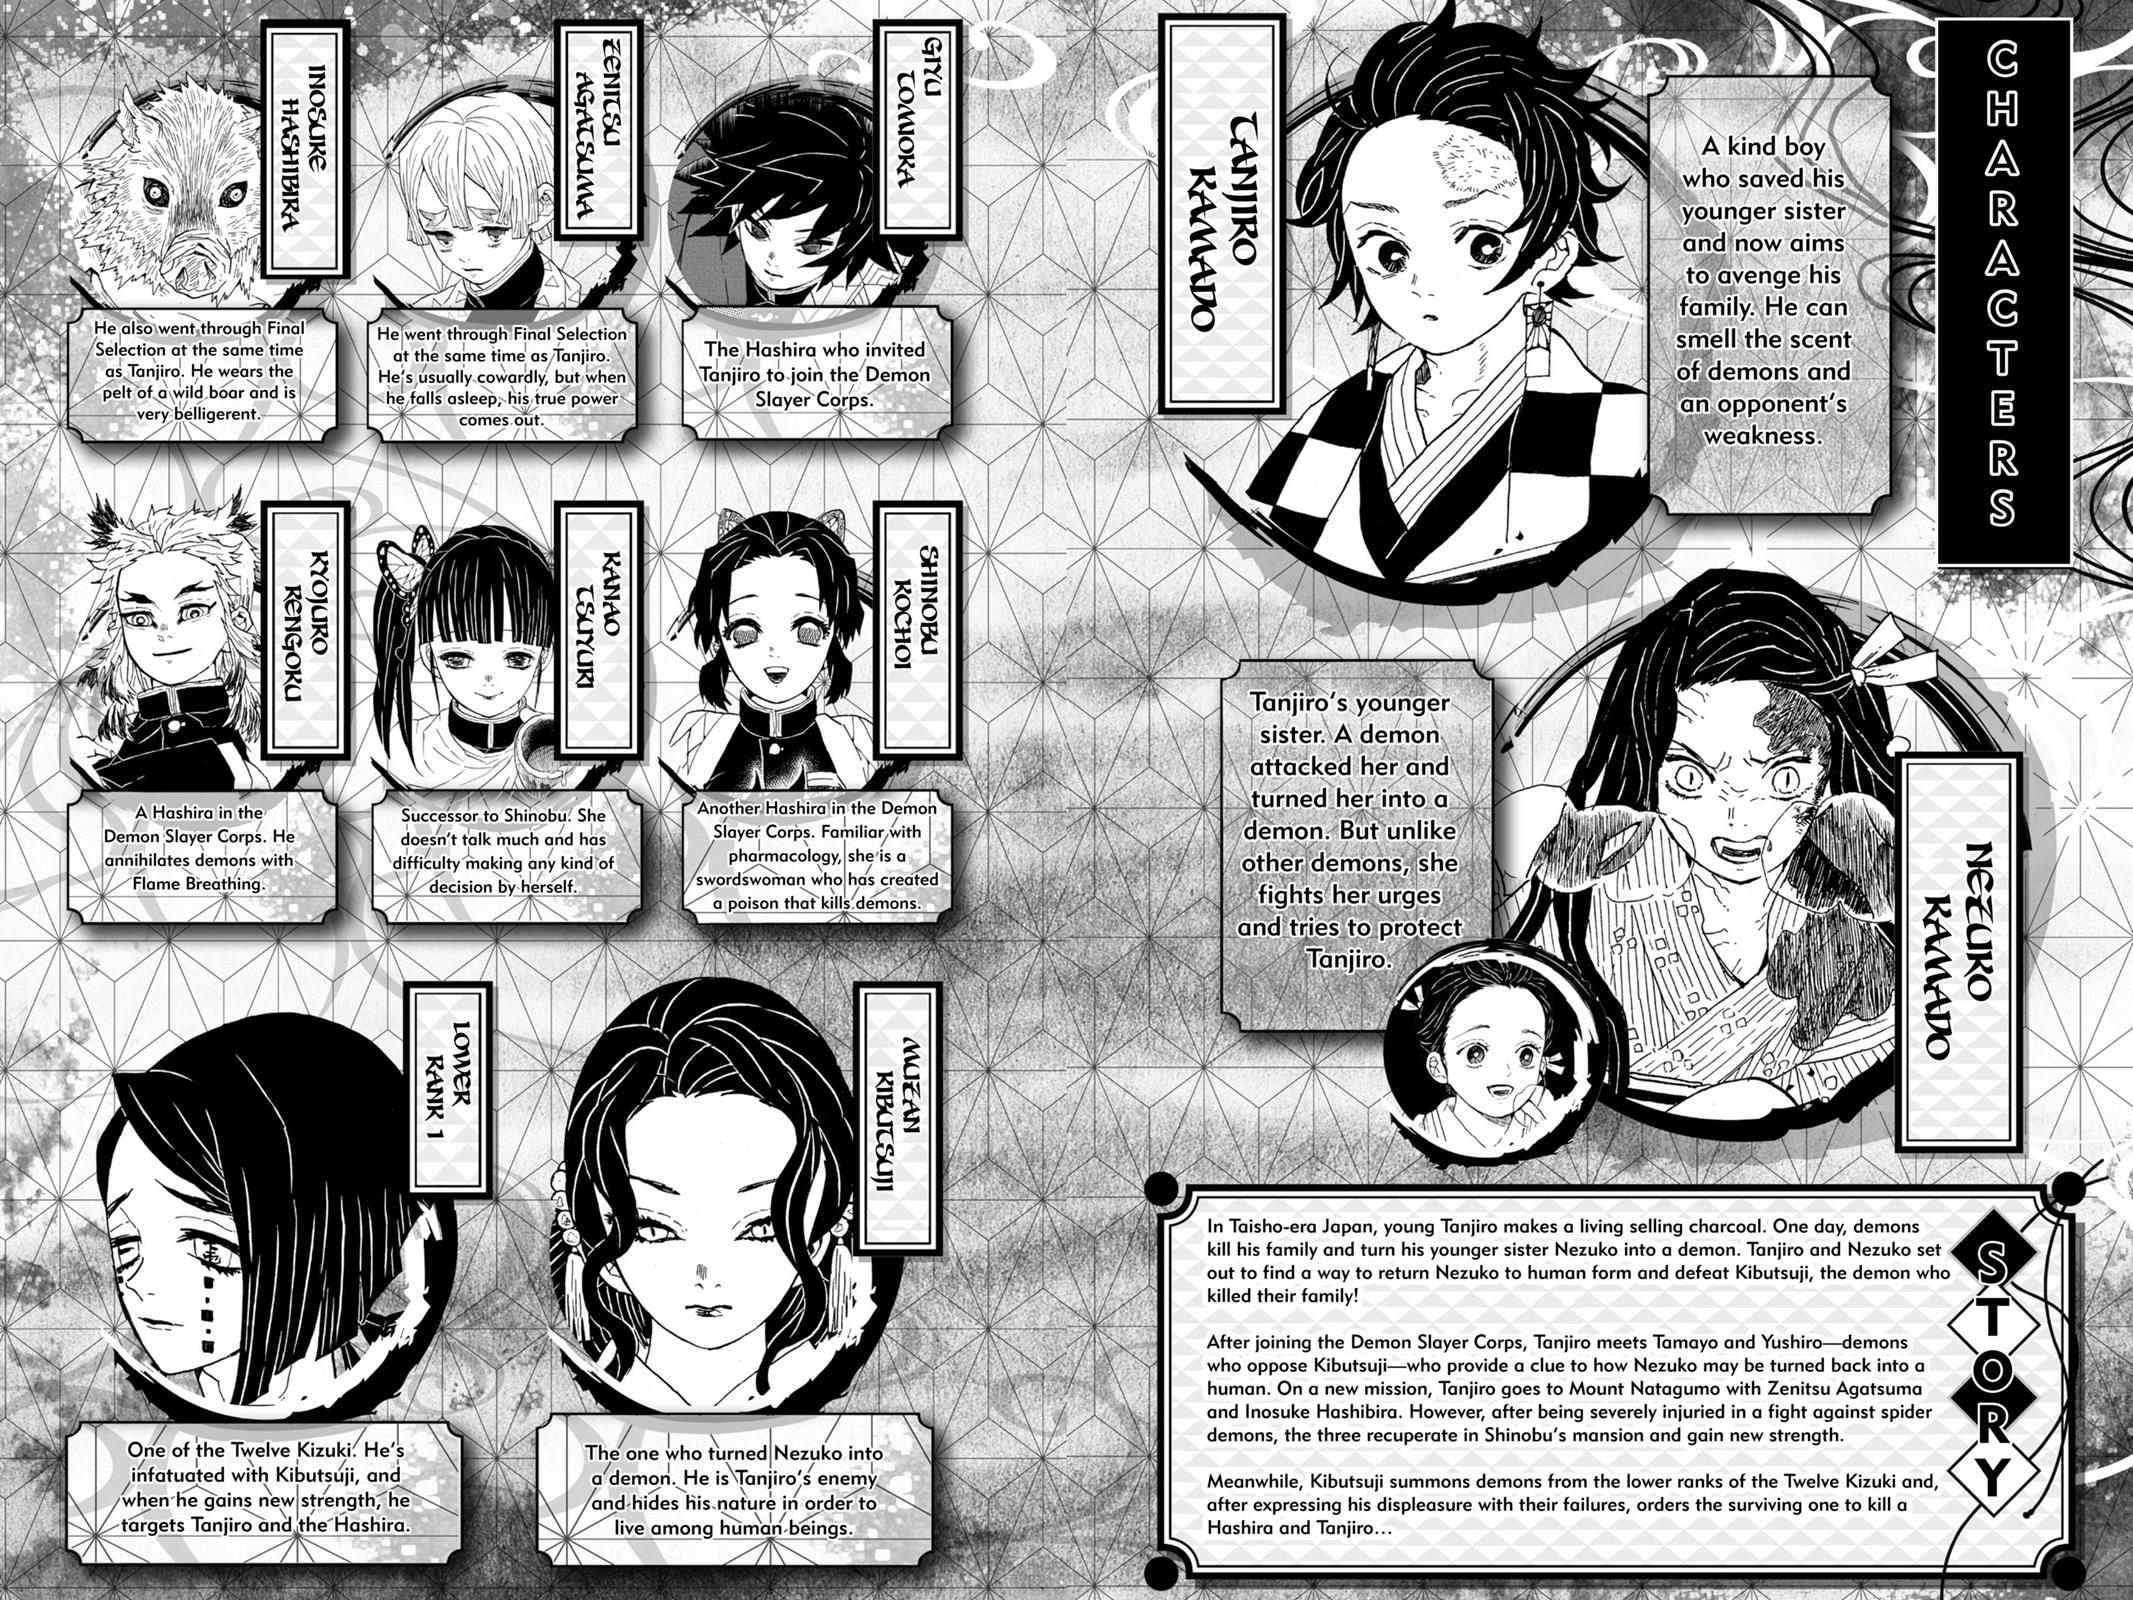 Kimetsu No Yaiba Chapter 53 Kimetsu No Yaiba Manga Online 10